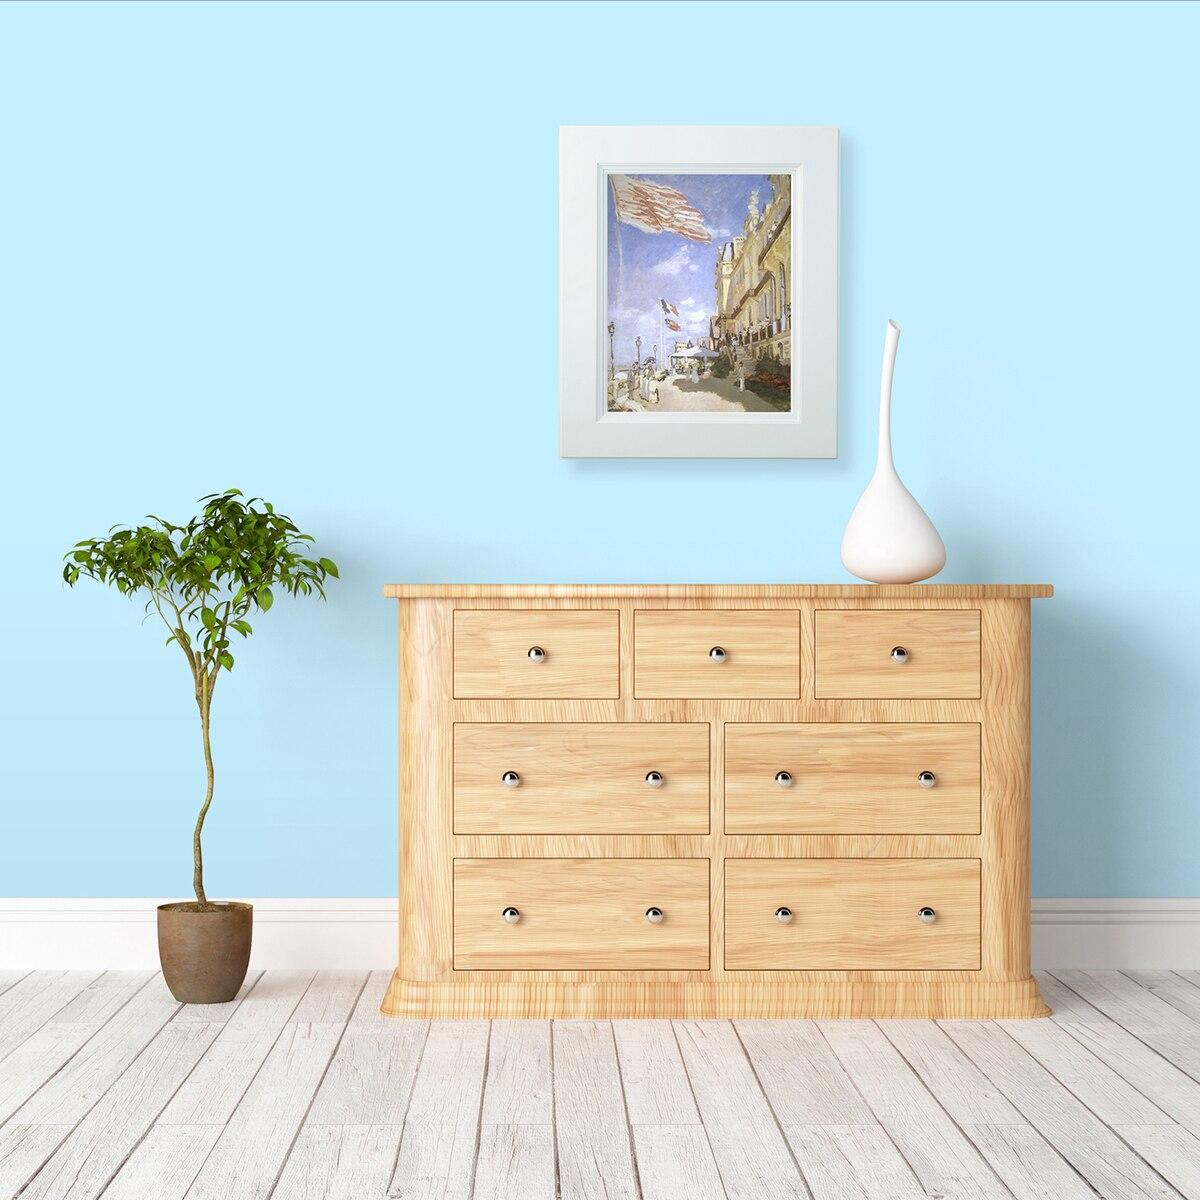 ラーソン・ジュール 油絵用額縁 A263 P8 ホワイト